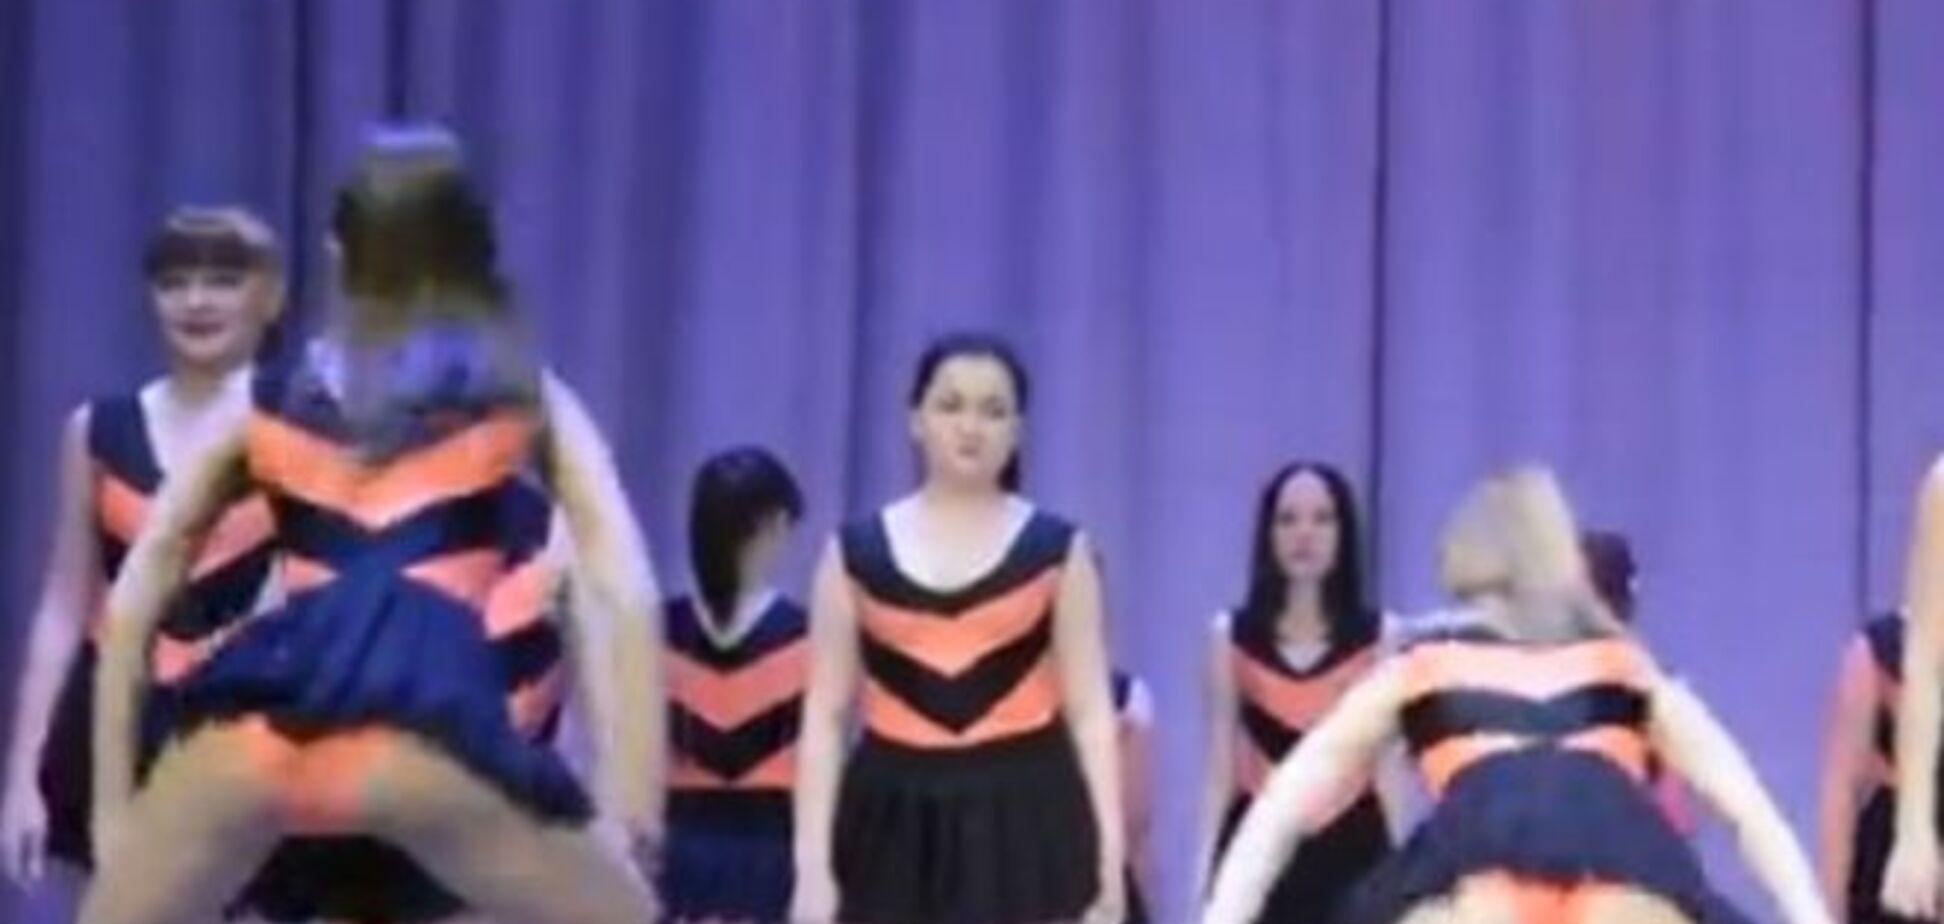 Следком РФ занялся видео с эротическим танцем несовершеннолетних